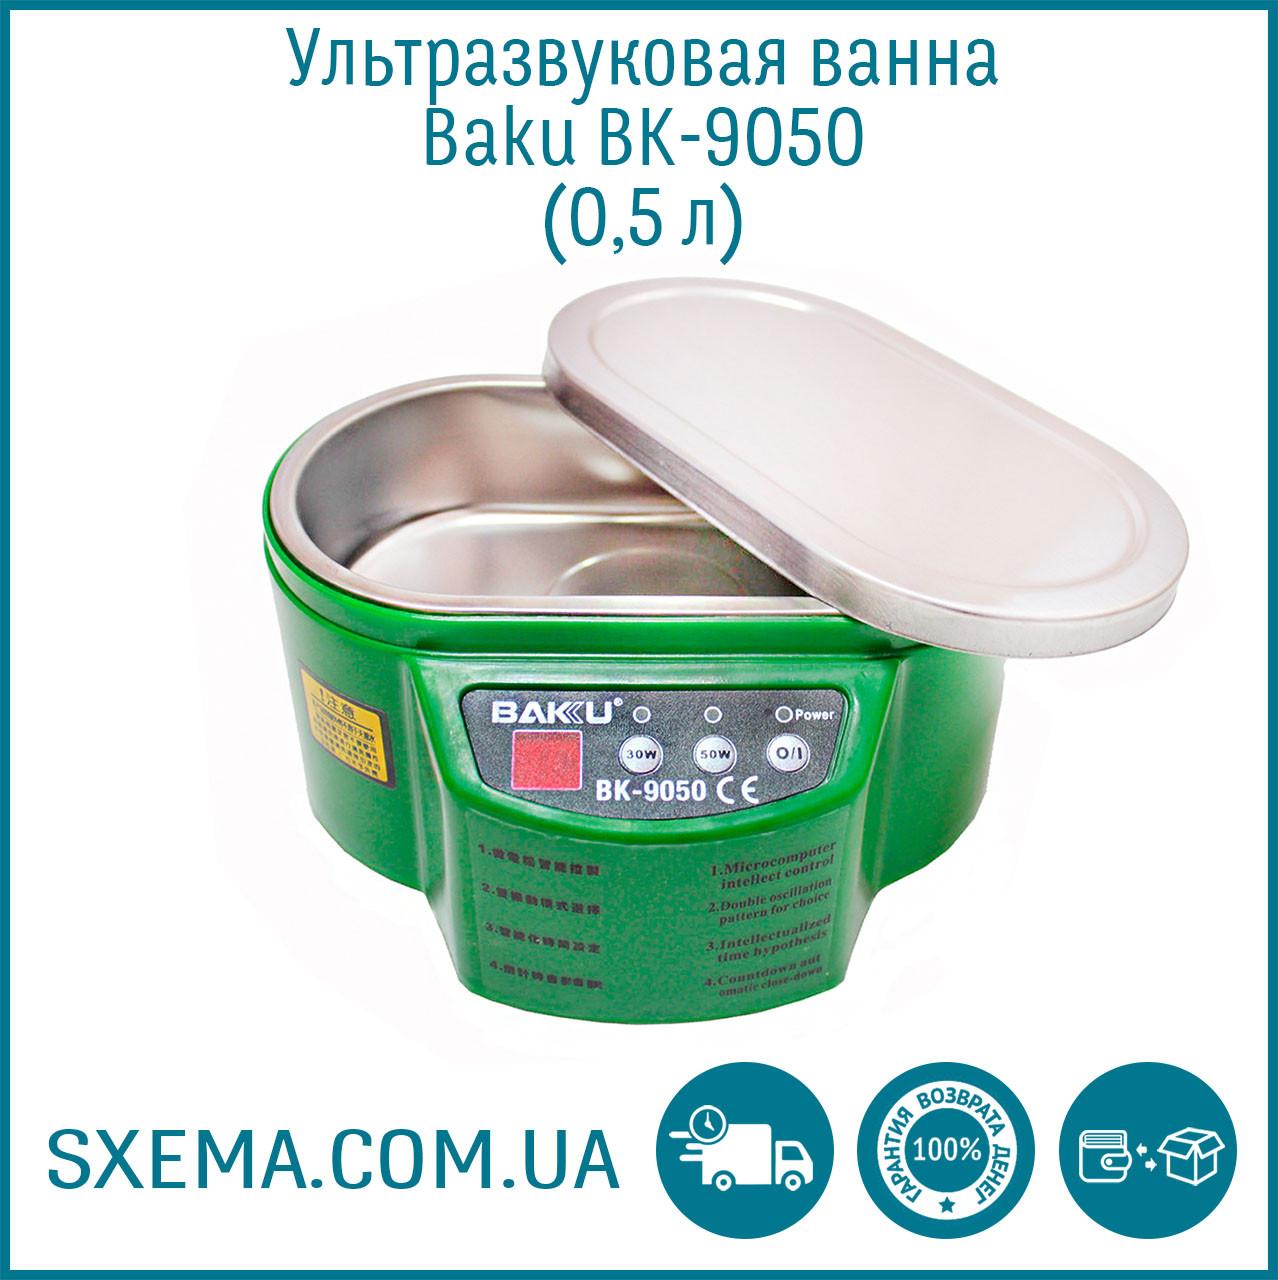 Ультразвуковая ванна BAKU BK9050 Два режима работы, металлическая крышка